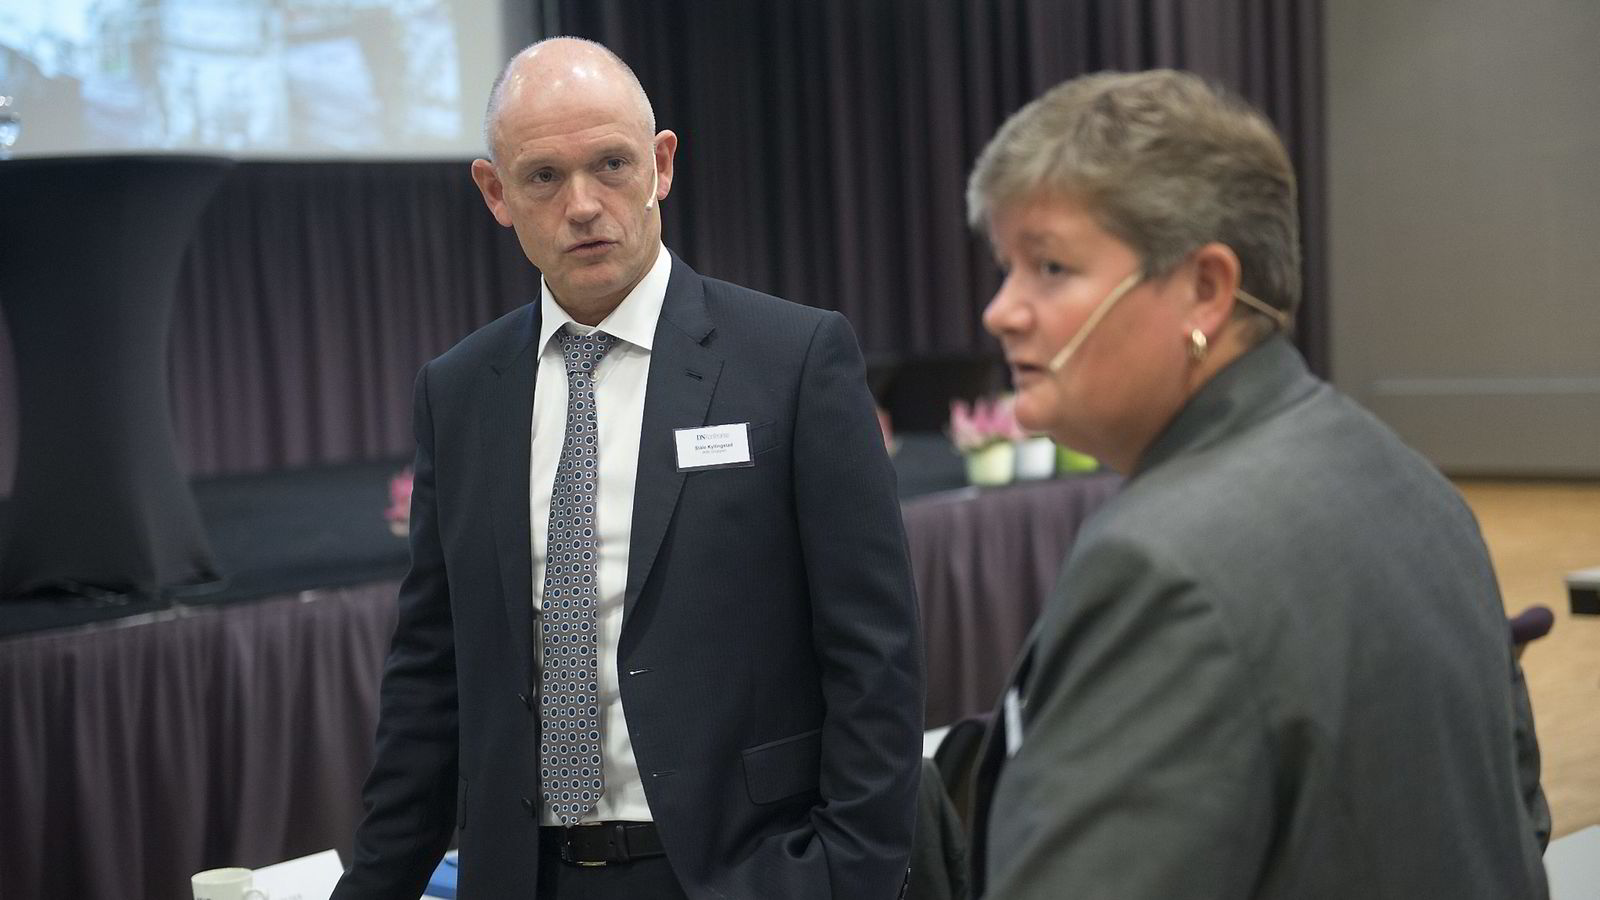 Ståle Kyllingstad,konsernsjef IKM Gruppen, og Hege Kverneland (National Oilwell Varco) på Energikonferansen til DN.